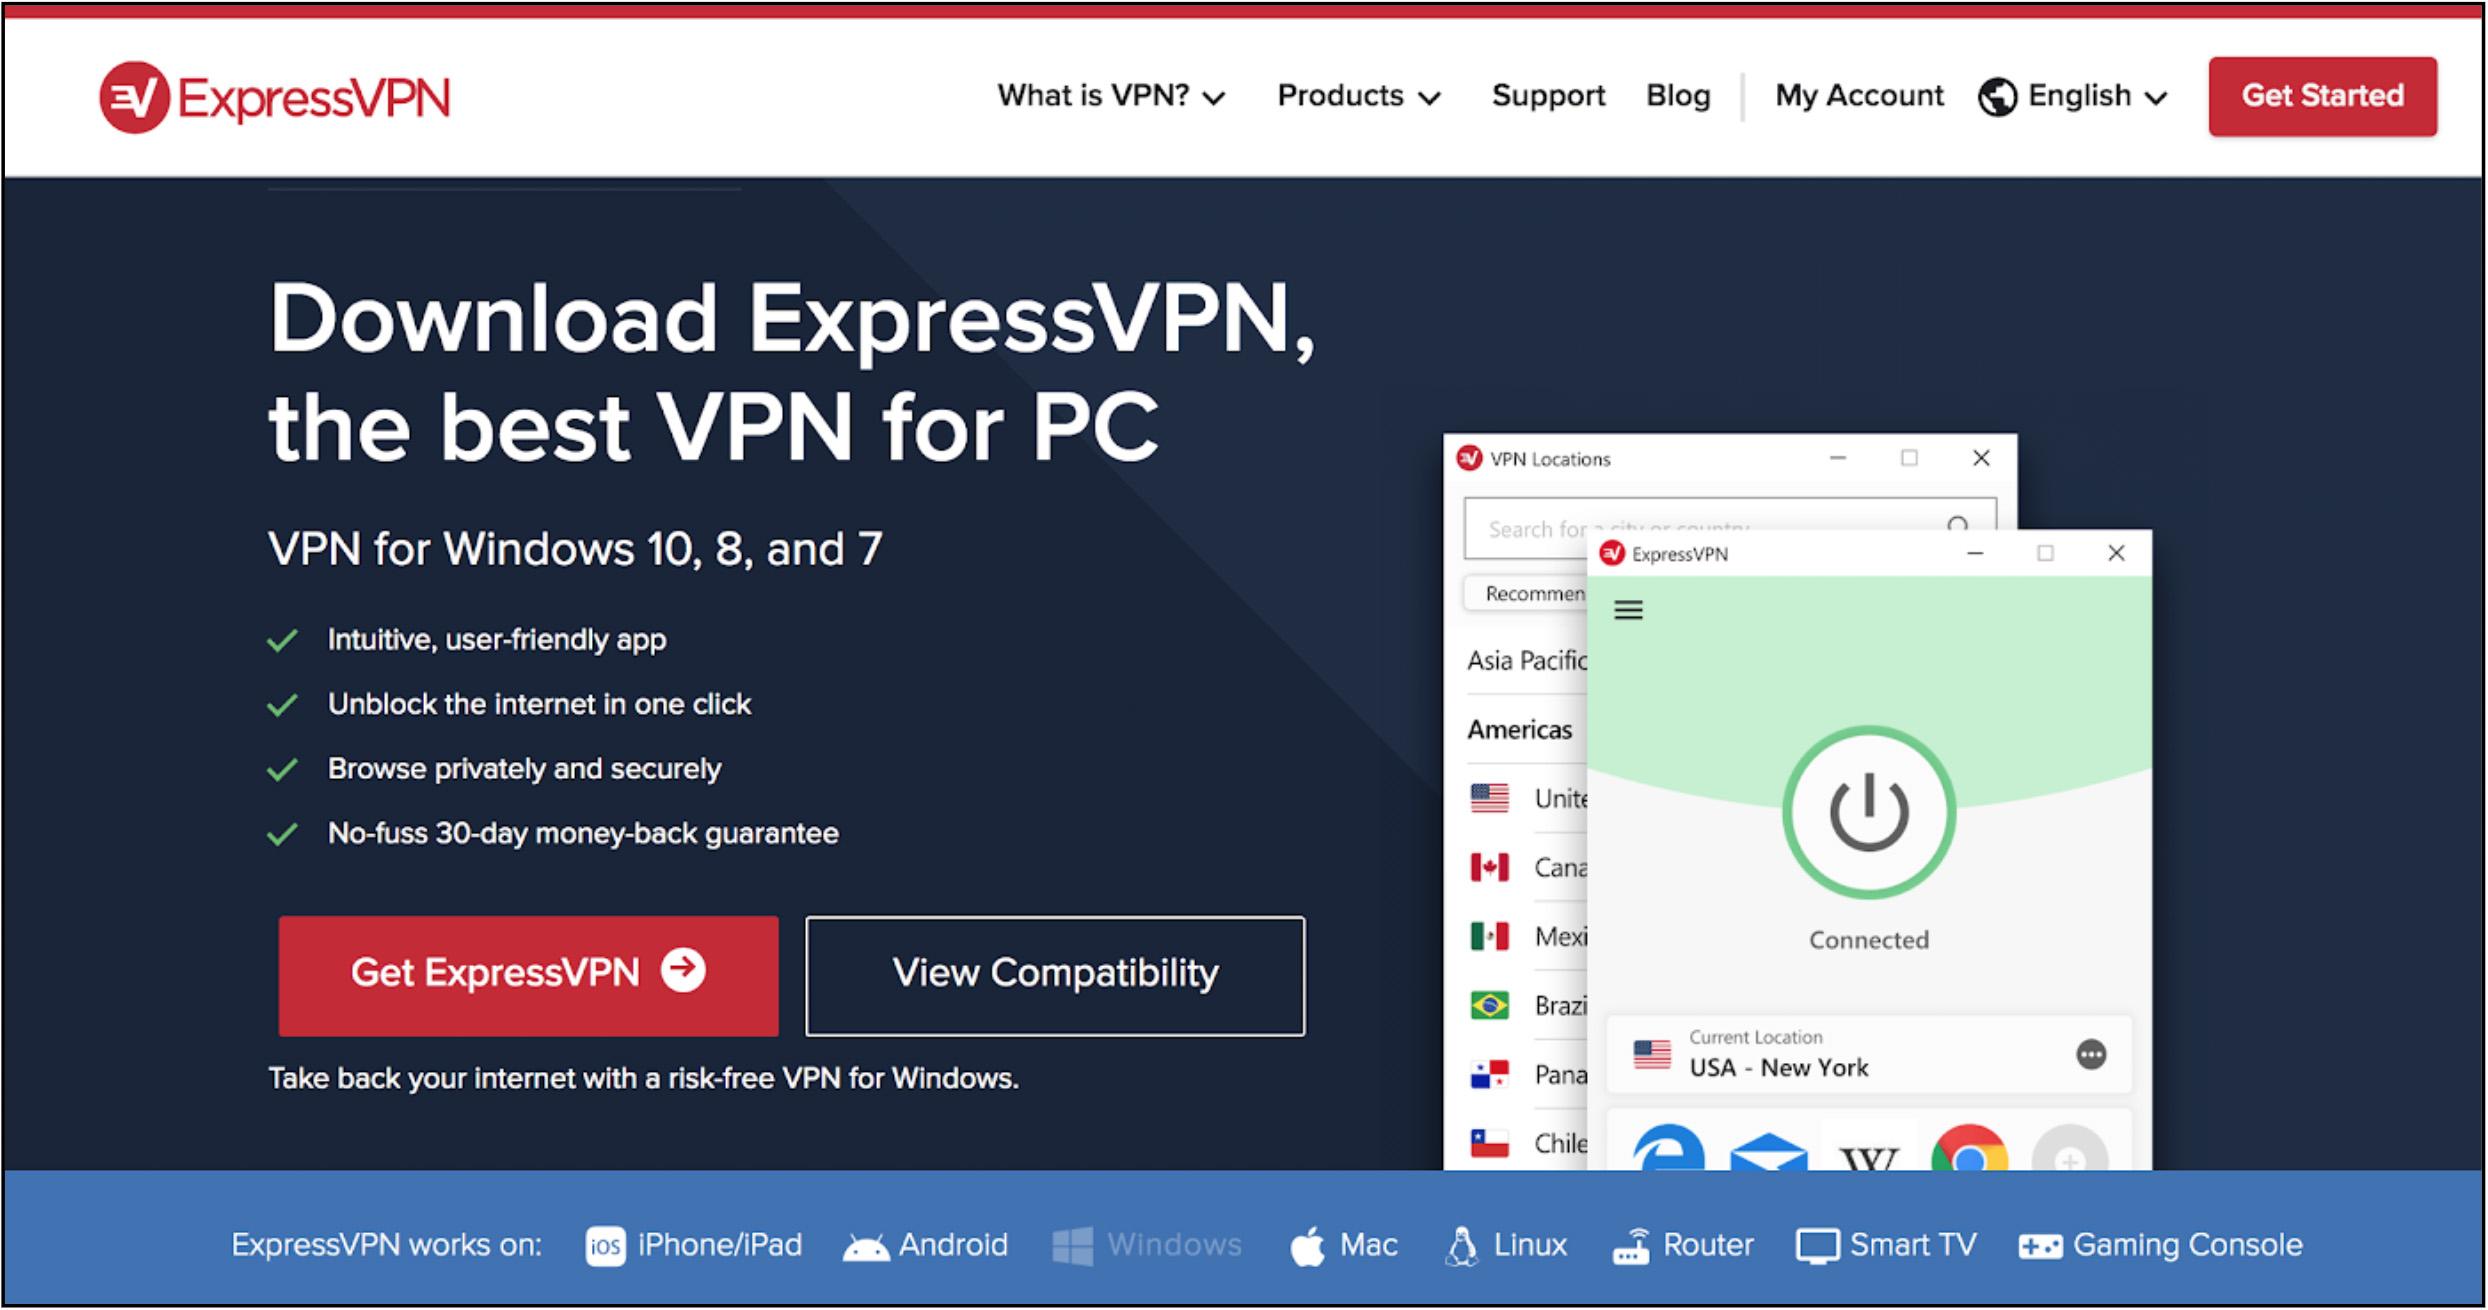 Captură de ecran a paginii de întâmpinare a furnizorilor ExpressVPN pentru serviciul său Windows VPN cu informații despre produse și linkuri de cumpărare.